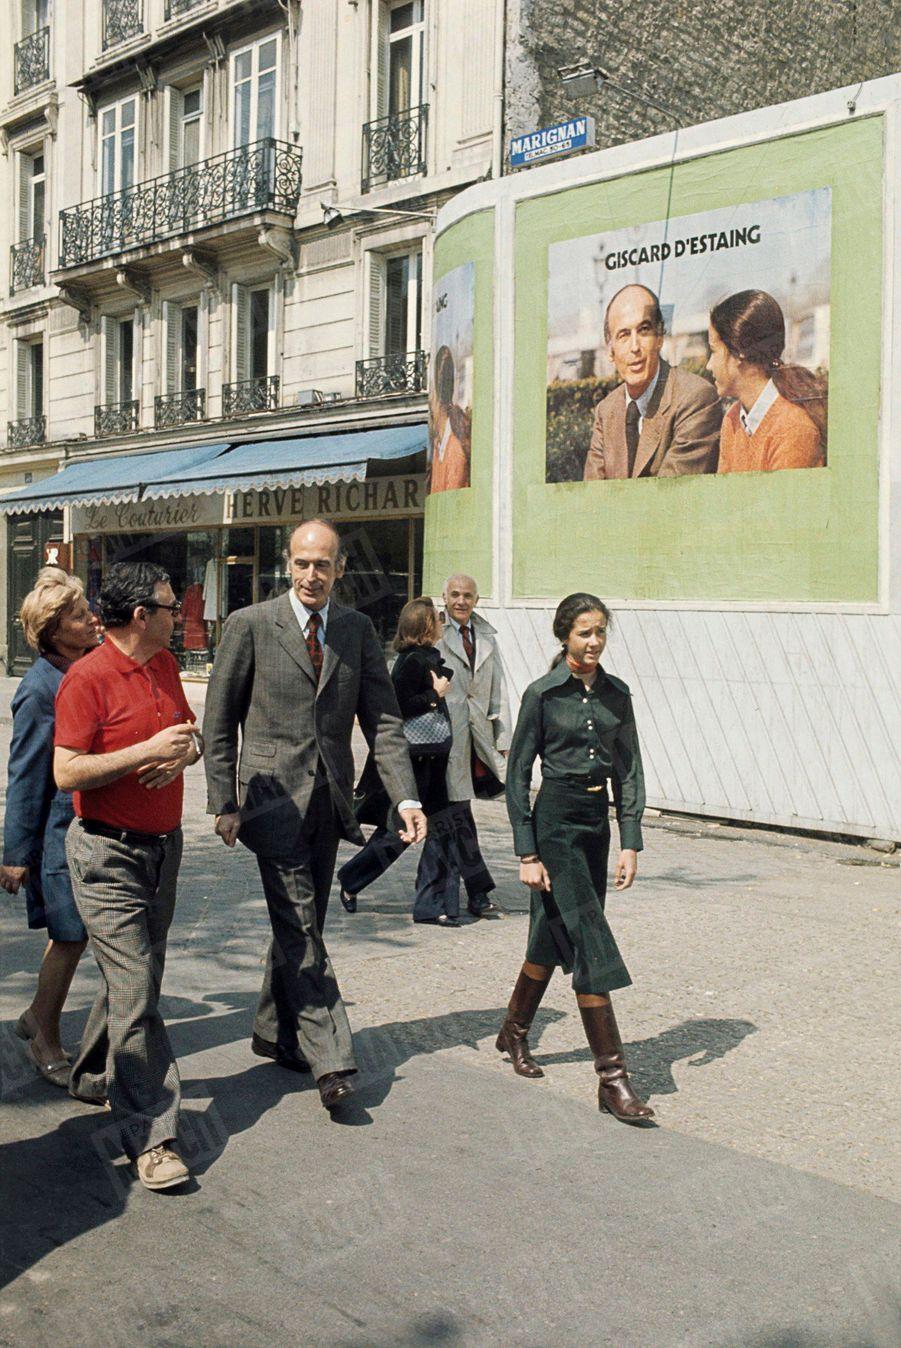 Valéry Giscard d'Estaing avec sa fille Jacinte lors de sa campagne présidentielle, en avril 1974. Le père et sa fille apparaissent ensemble sur l'affiche derrière eux.